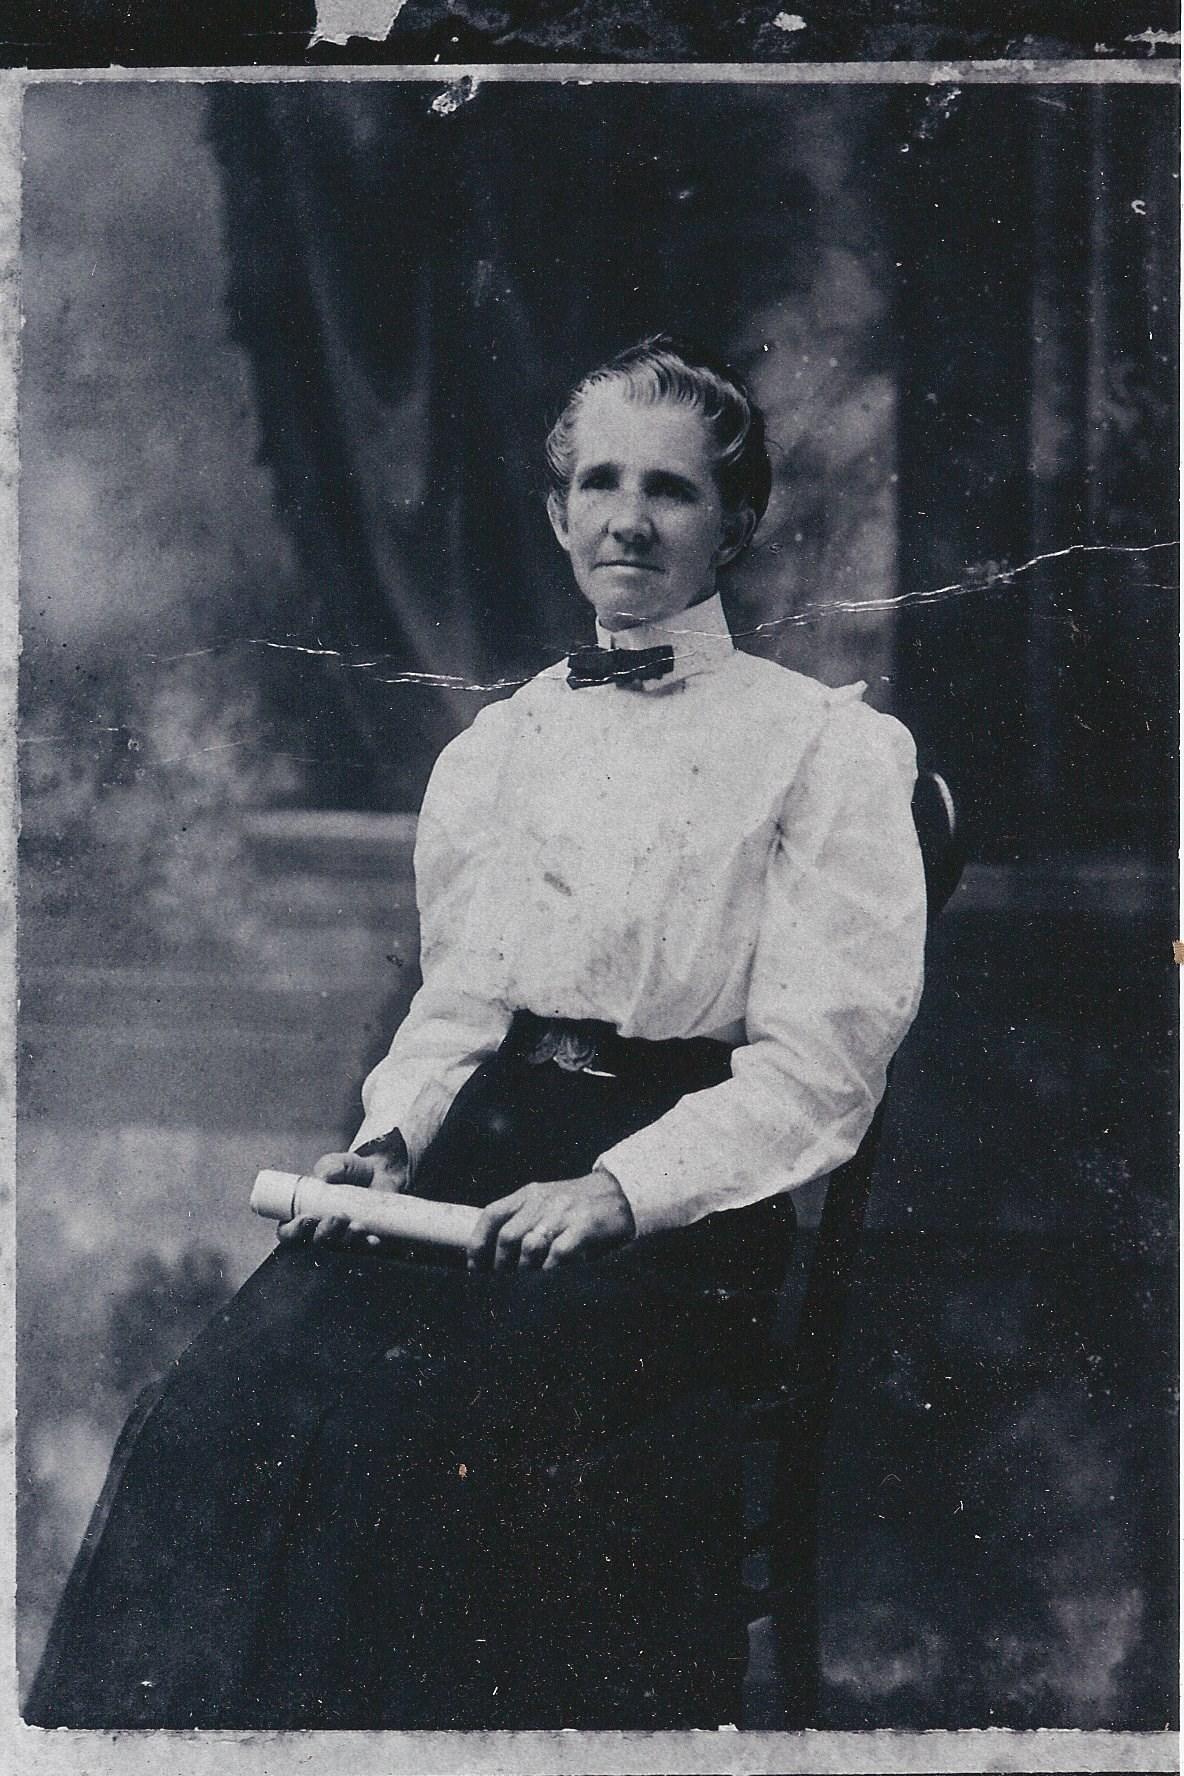 Hanna Turner